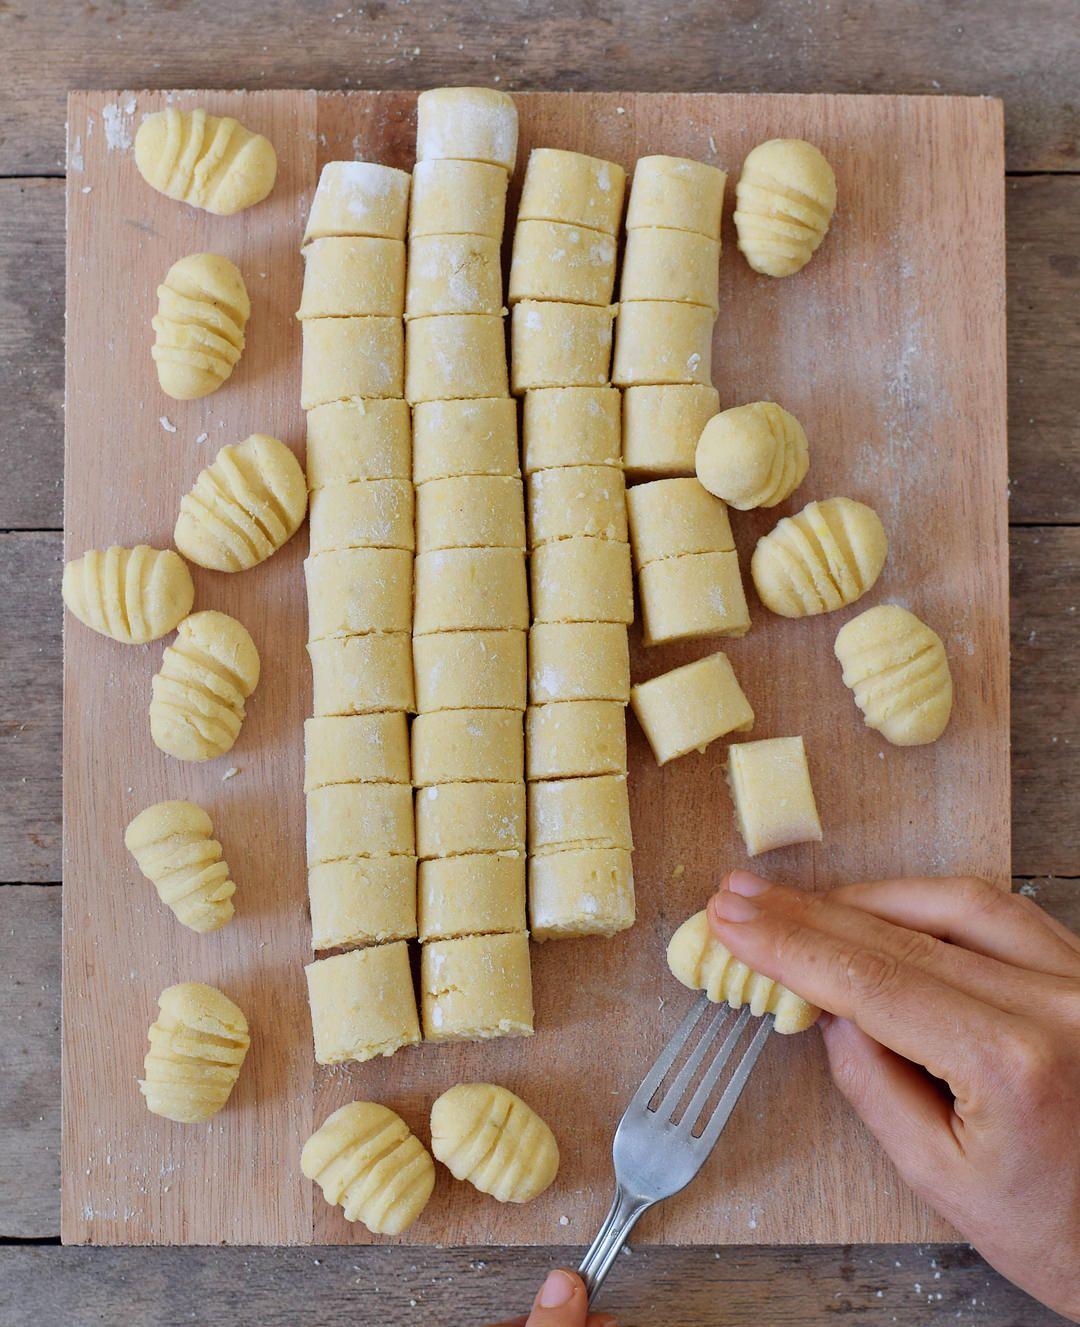 Glutenfreie Gnocchi selbstgemacht | einfaches Rezept, eifrei - Elavegan